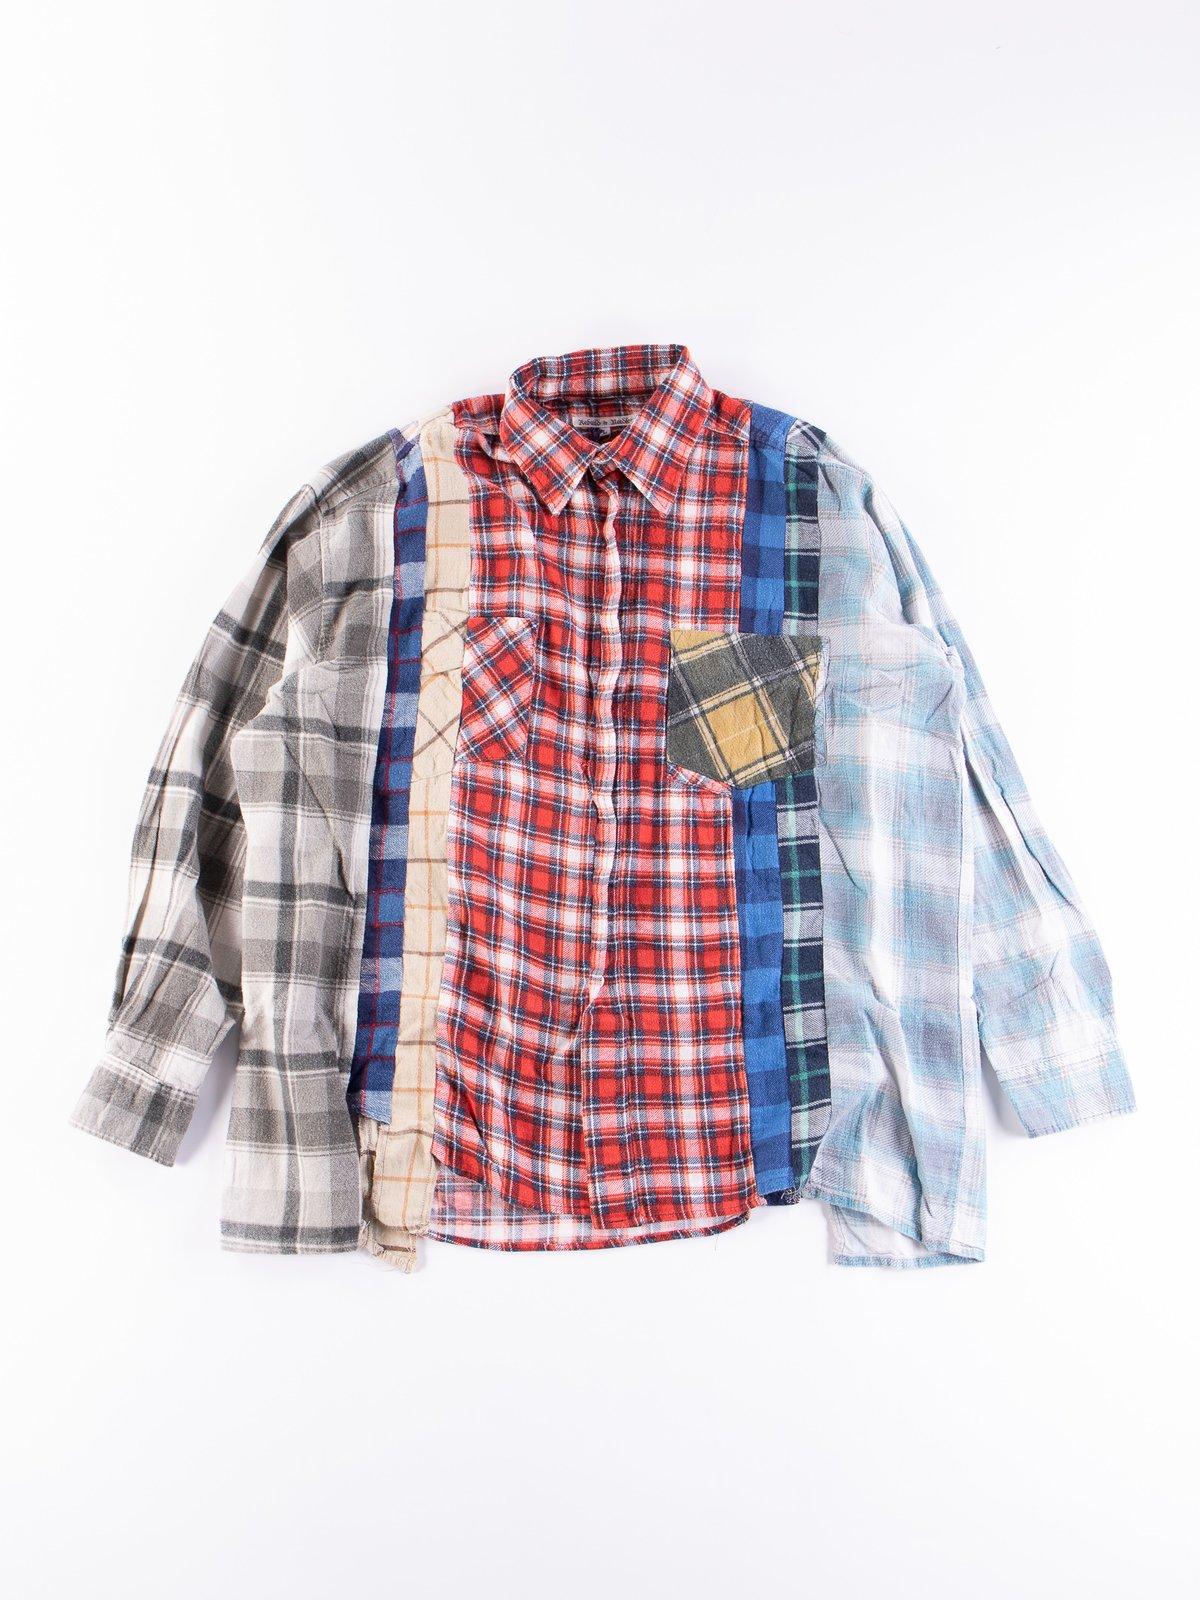 Assorted 7 Cuts Rebuild Shirt - Image 11